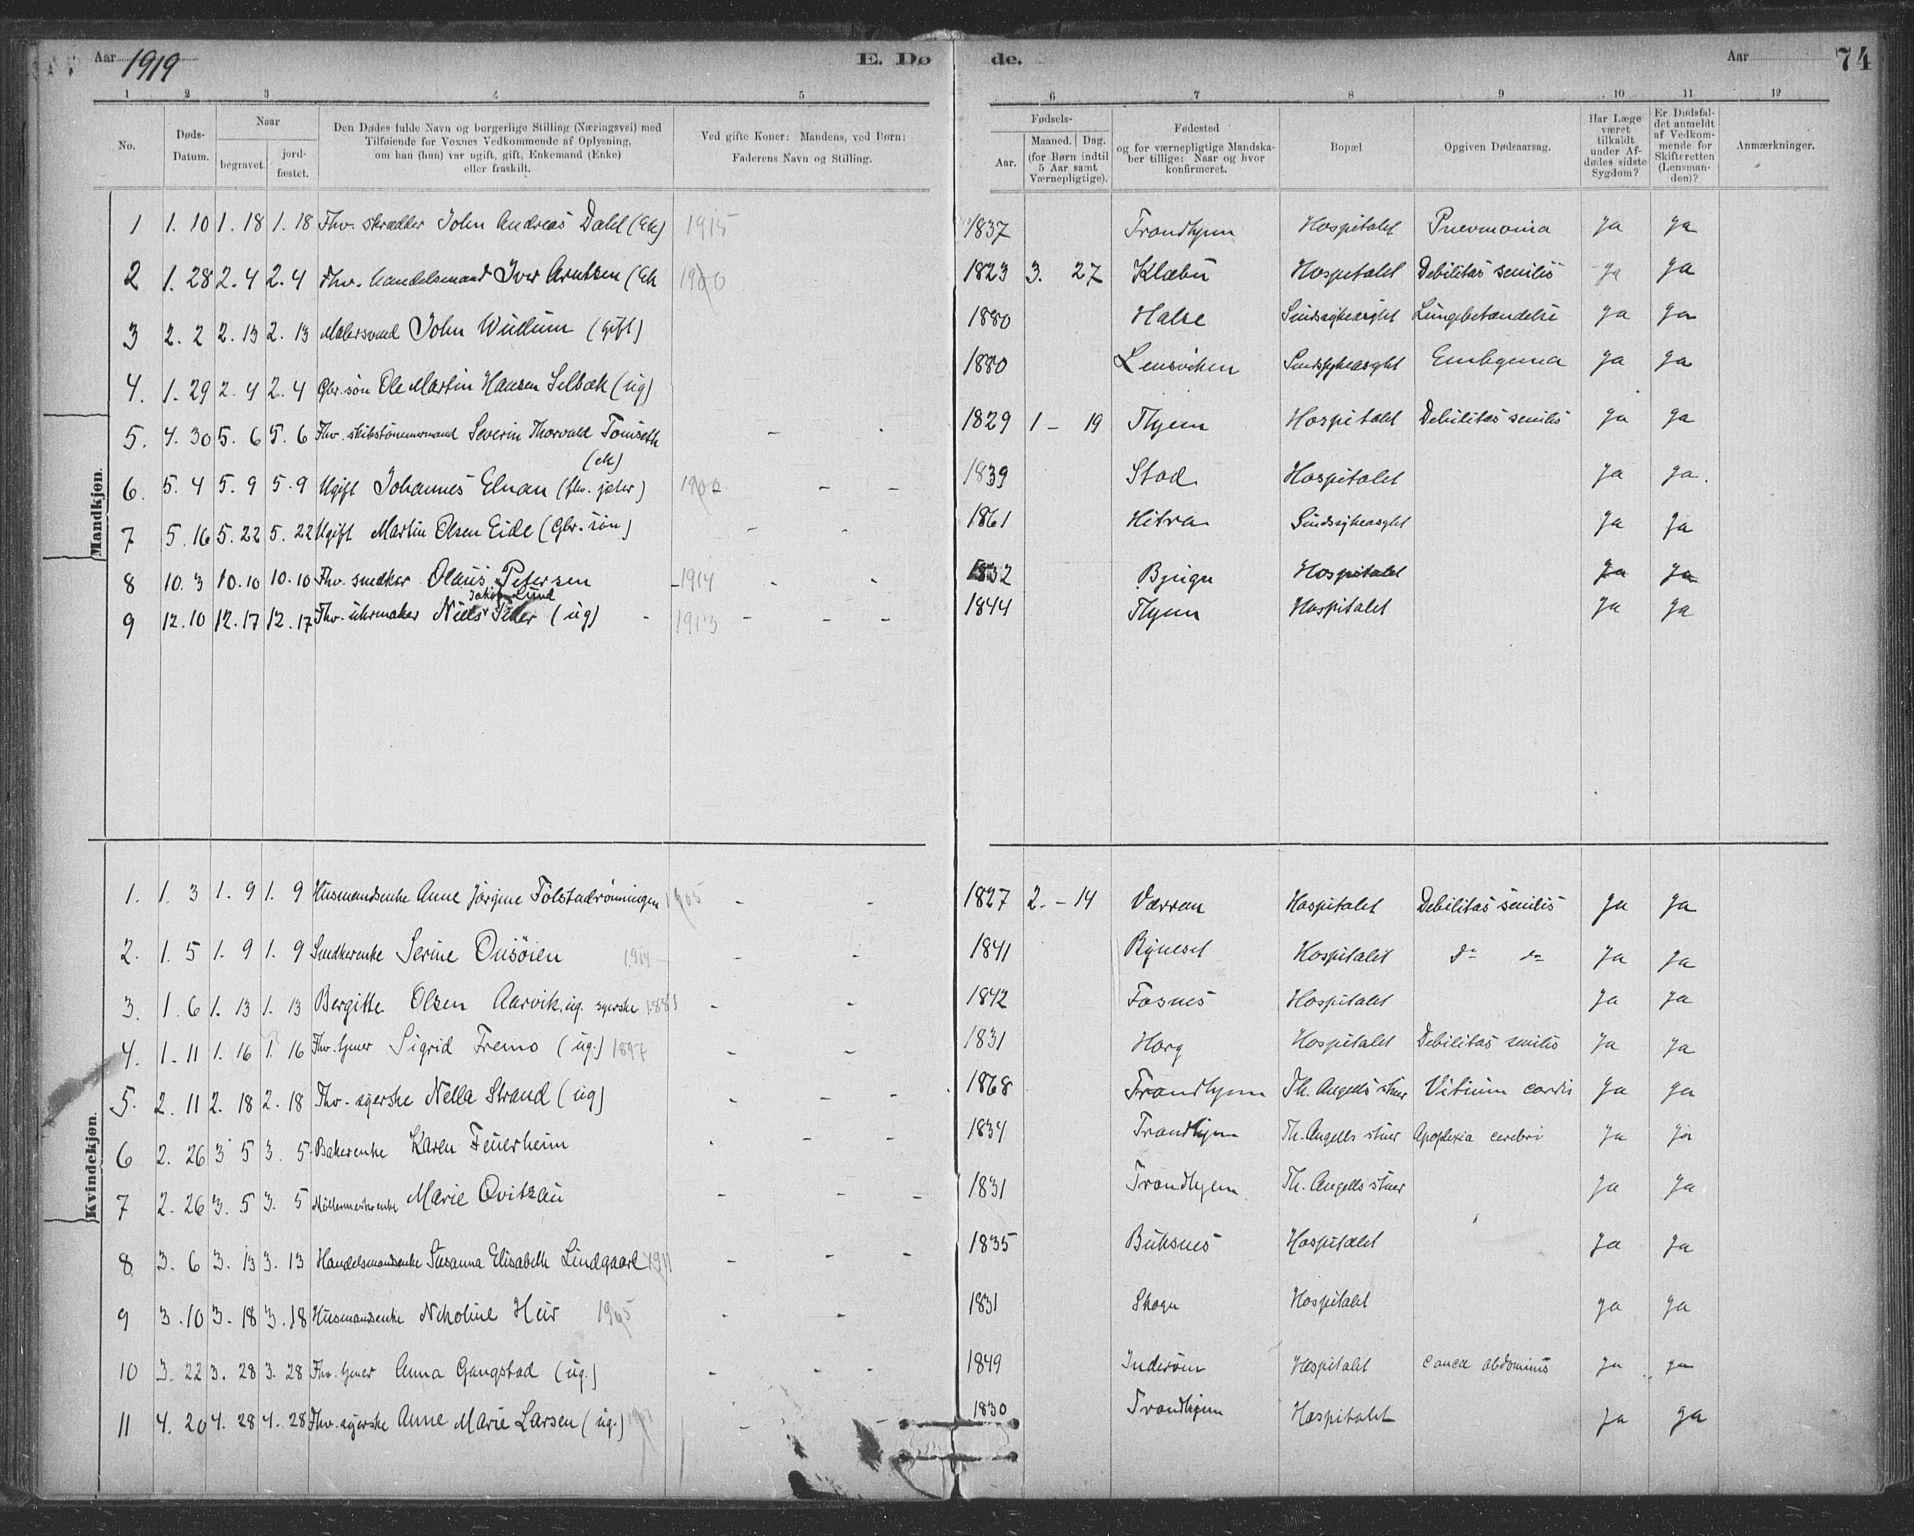 SAT, Ministerialprotokoller, klokkerbøker og fødselsregistre - Sør-Trøndelag, 623/L0470: Ministerialbok nr. 623A04, 1884-1938, s. 74